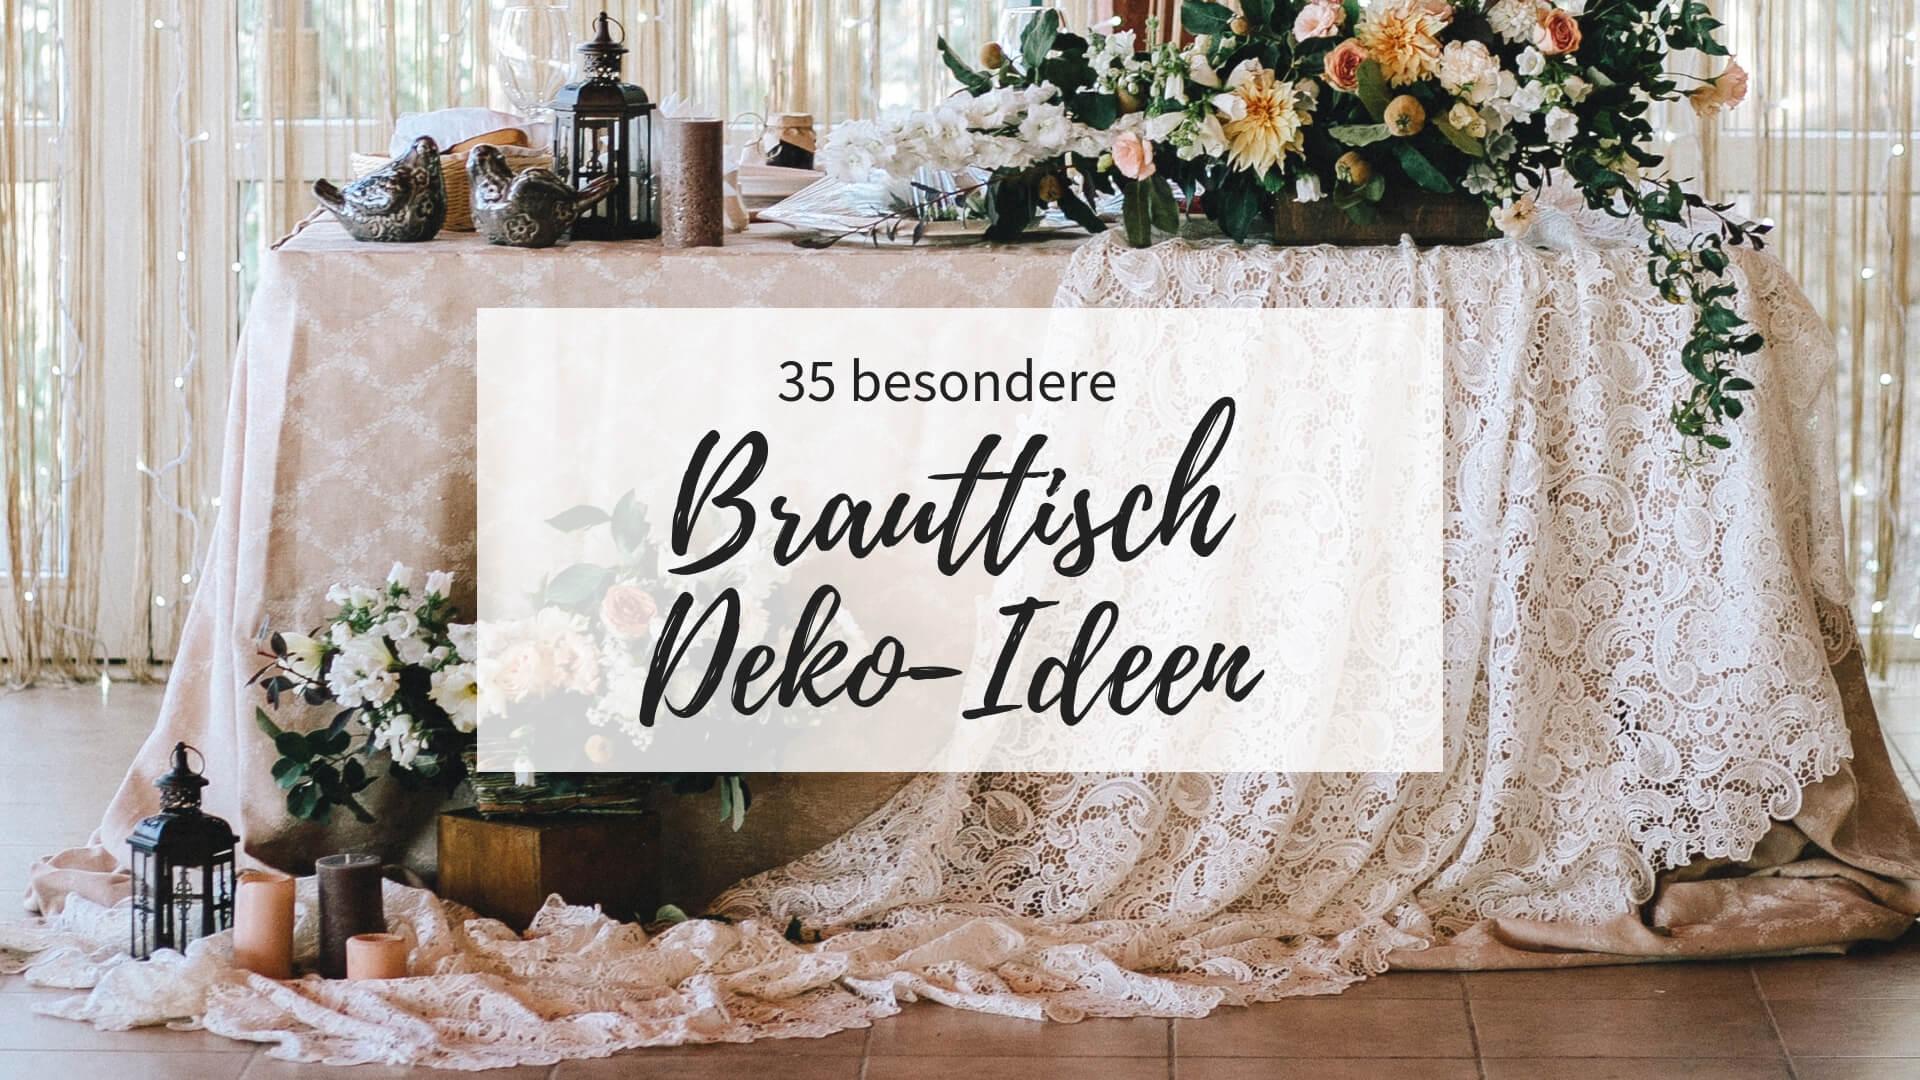 Brauttisch Deko Ideen, Tischdeko Brauttisch